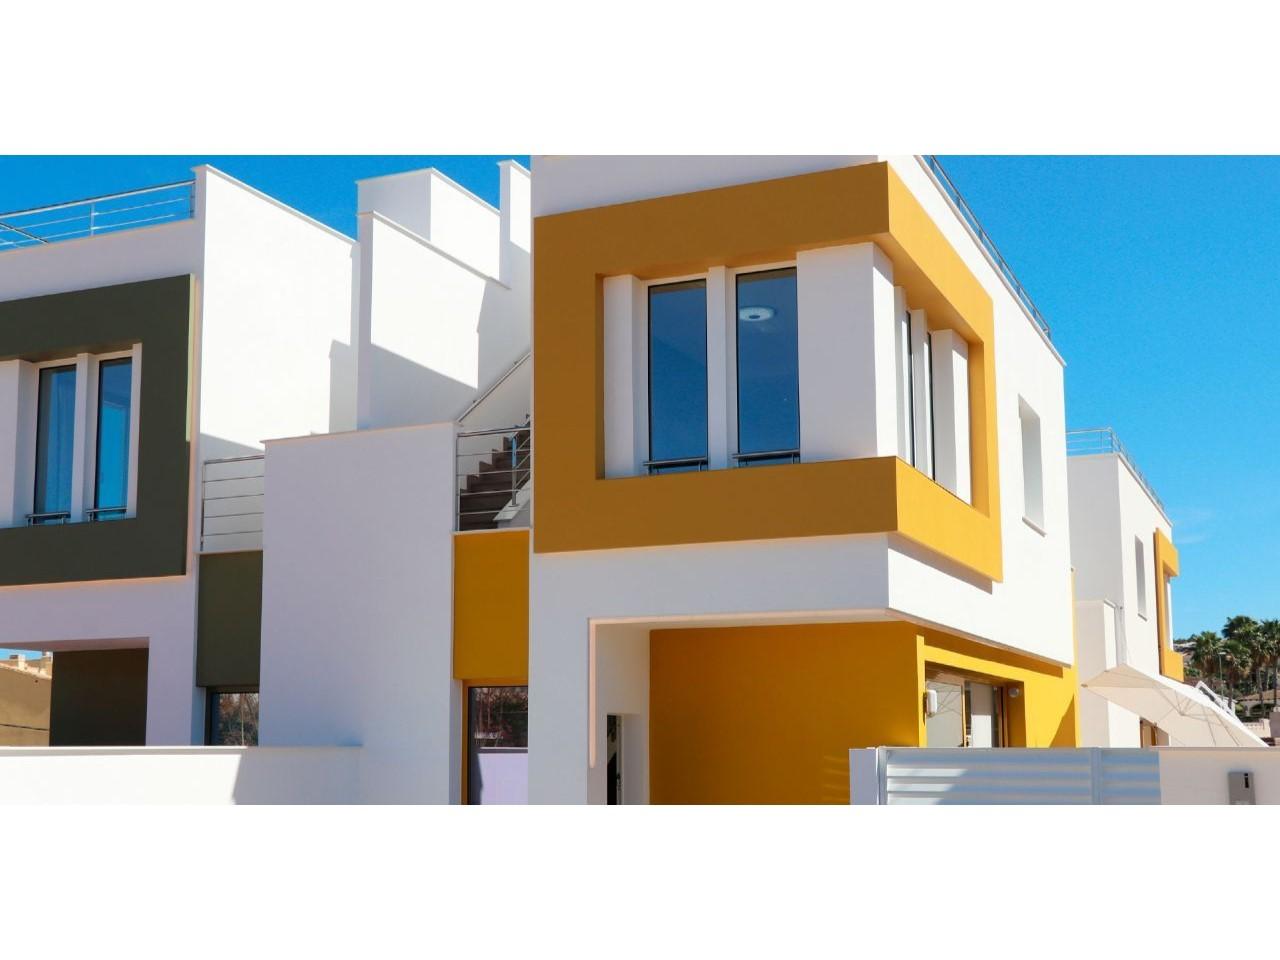 Дубай дения недвижимость смотреть хочу дом за рубежом все серии